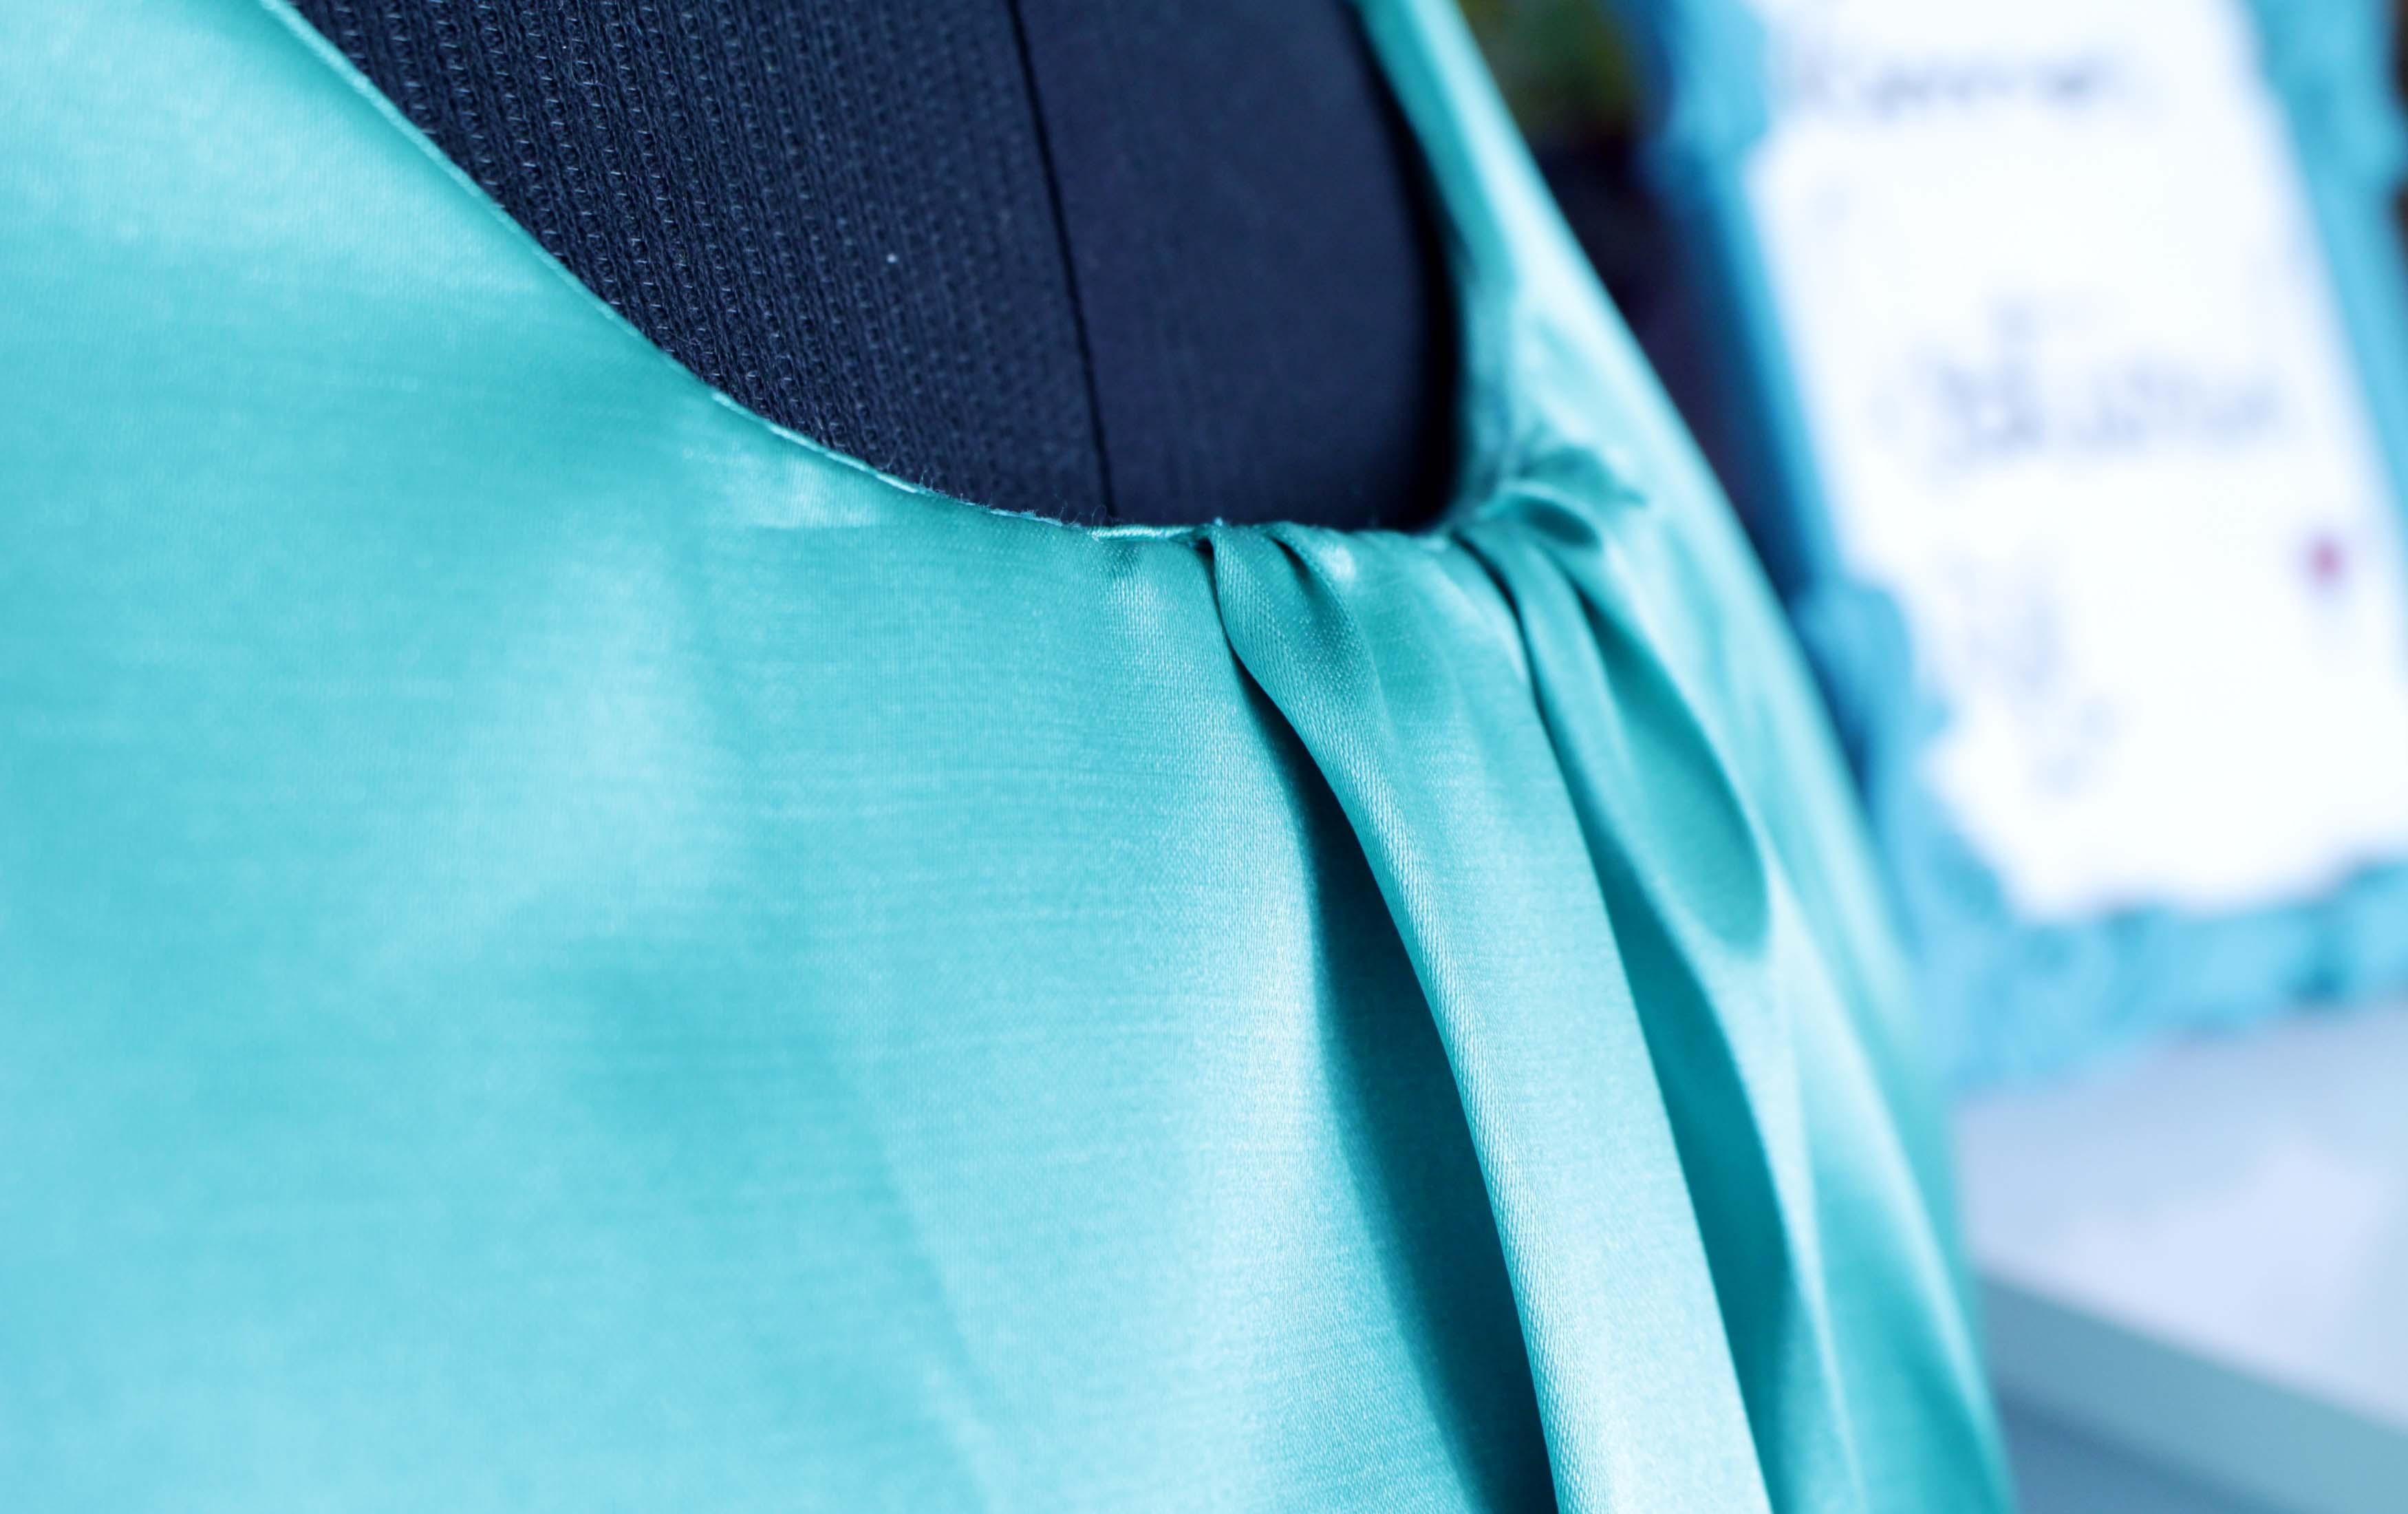 83a0a4d060 fabricada com 1mt de cetim com elastano. Você também pode substituir esse  tecido por cetim de seda